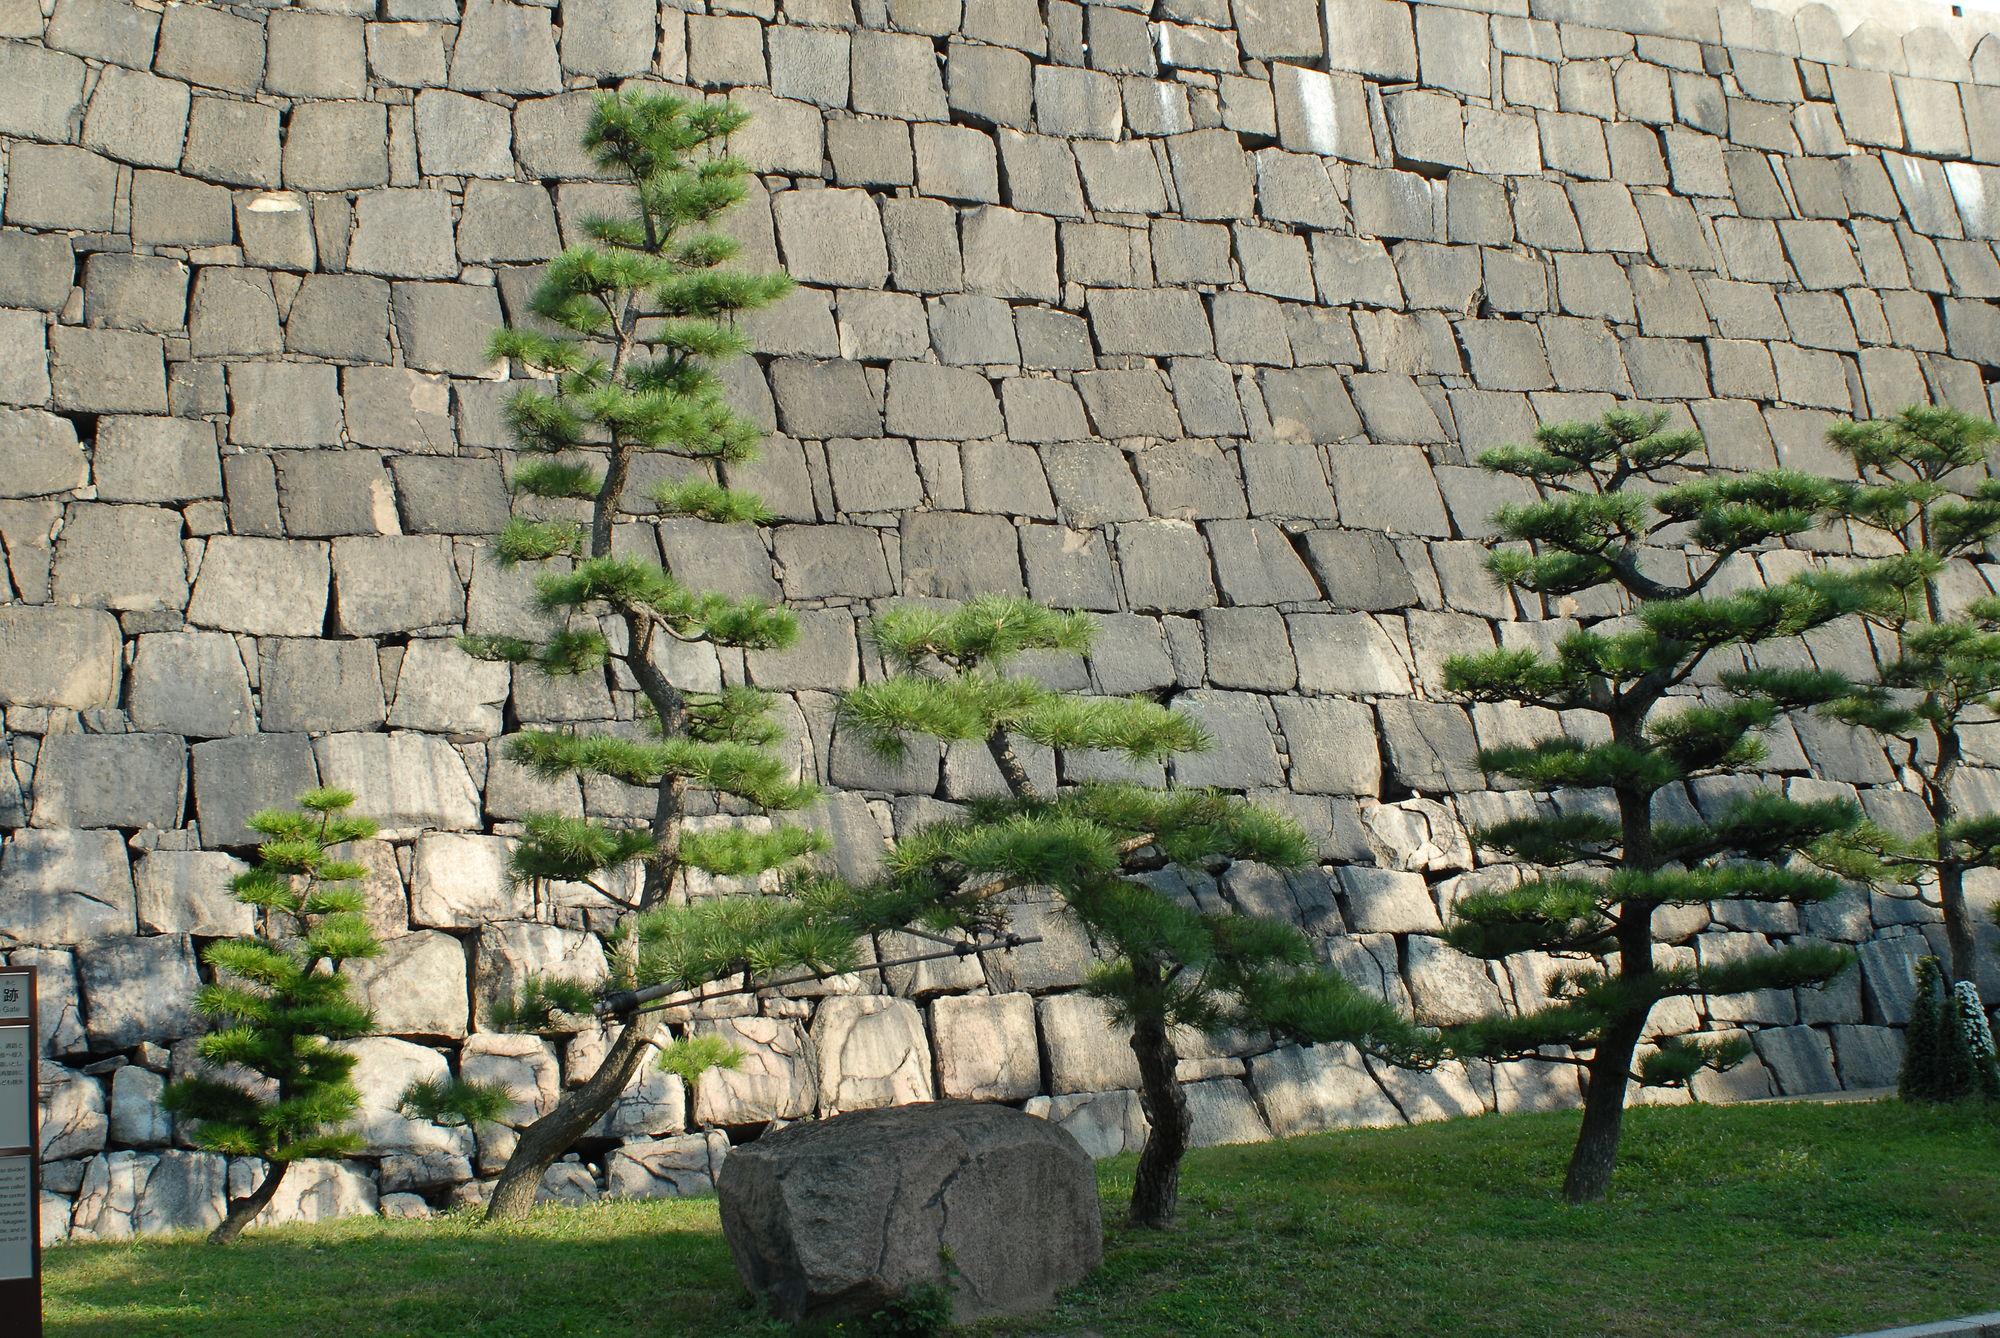 osaka castle pines